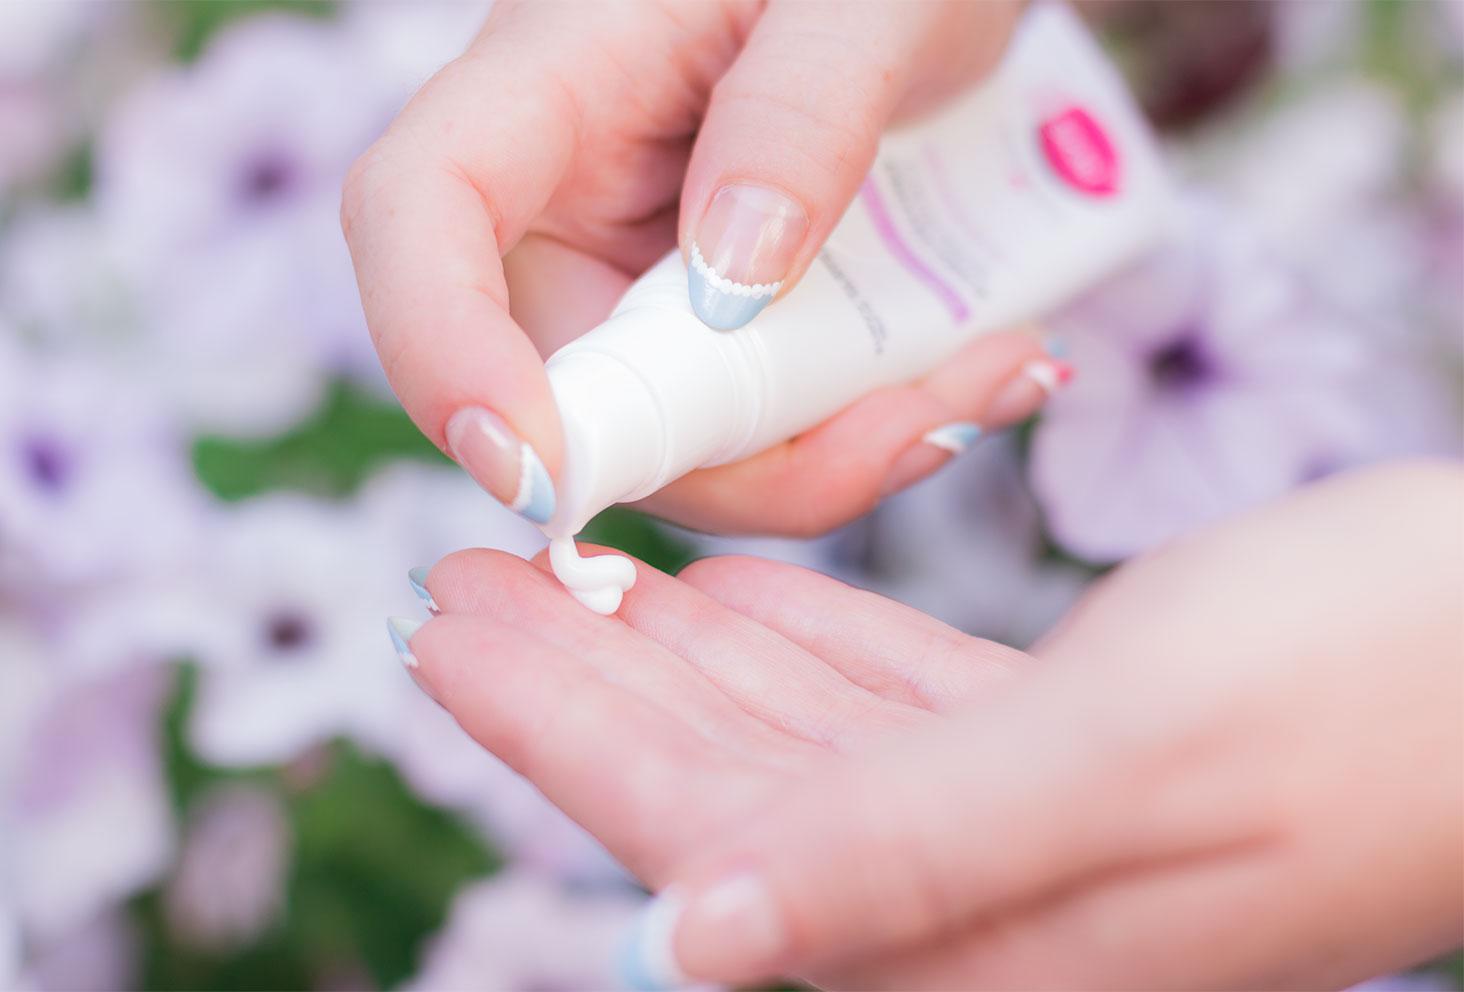 Zoom sur la texture blanche de la crème Sensitime de Body Minute, tout juste sortie de la pompe dans la main